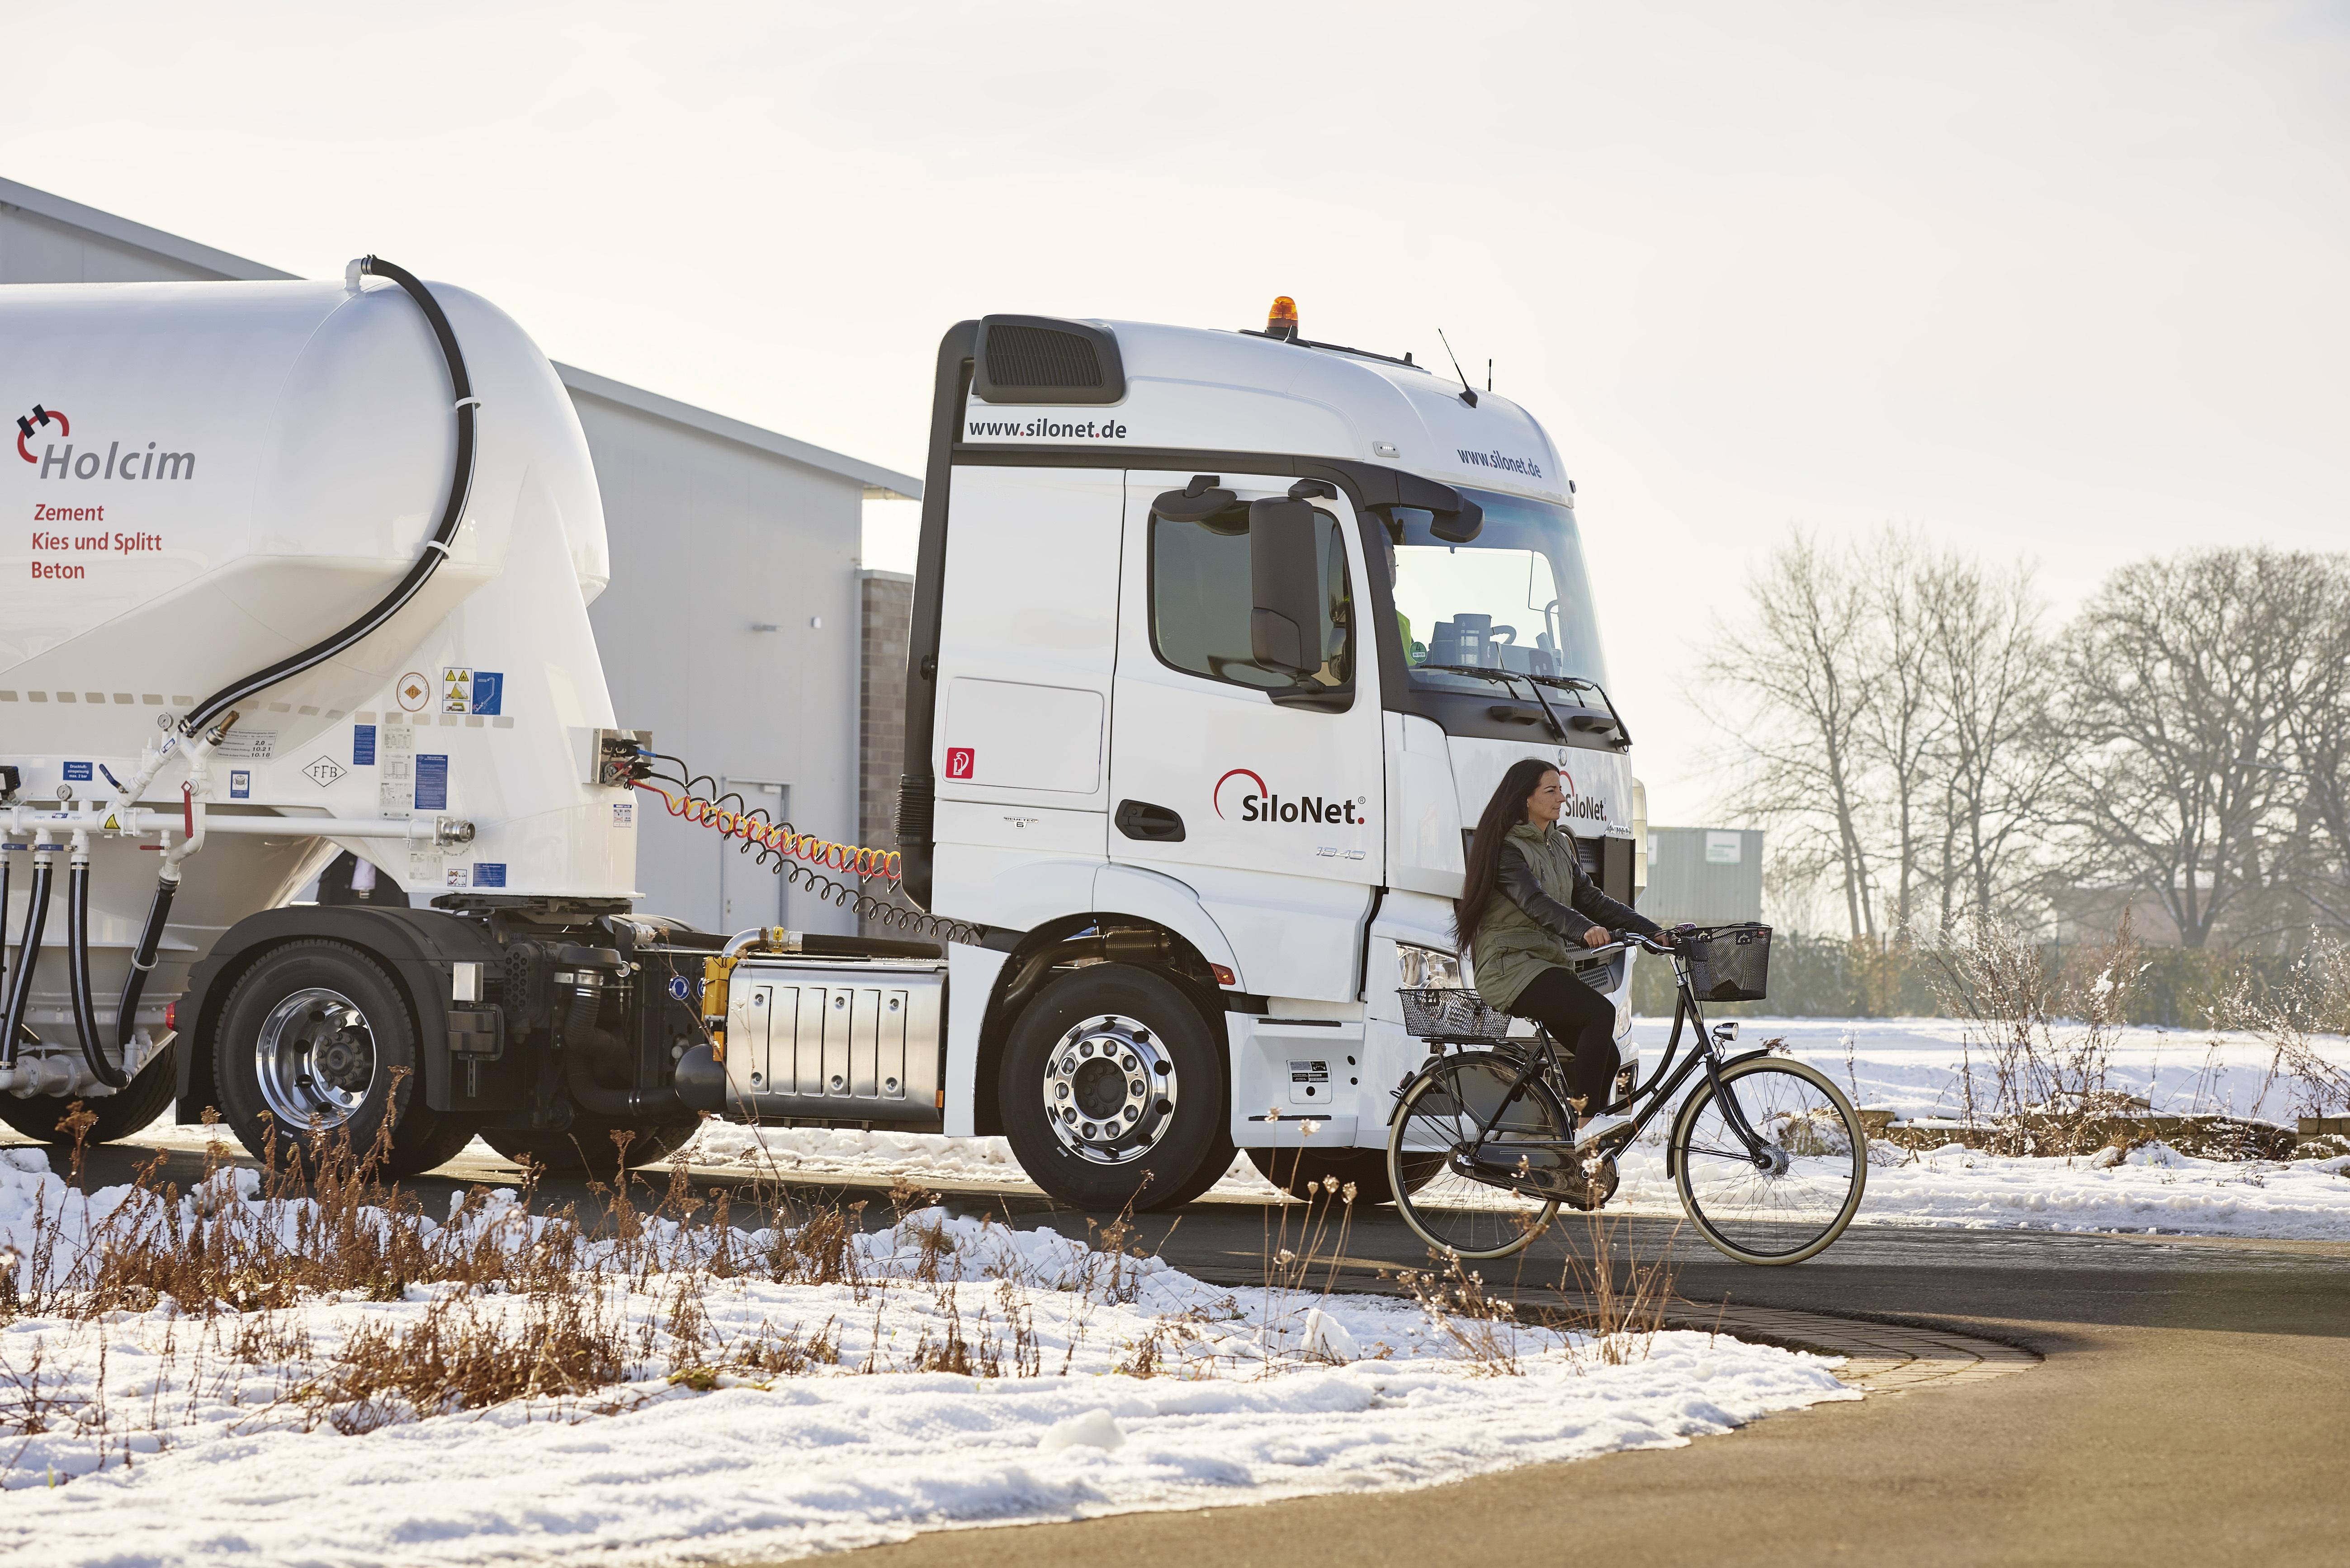 Sicher auf allen Straßen – Kunden vertrauen auf Schwer-Lkw mit Stern: Mercedes-Benz Actros mit neuem Active Brake Assist 4 und Abbiege-Assistent im Kundeneinsatz